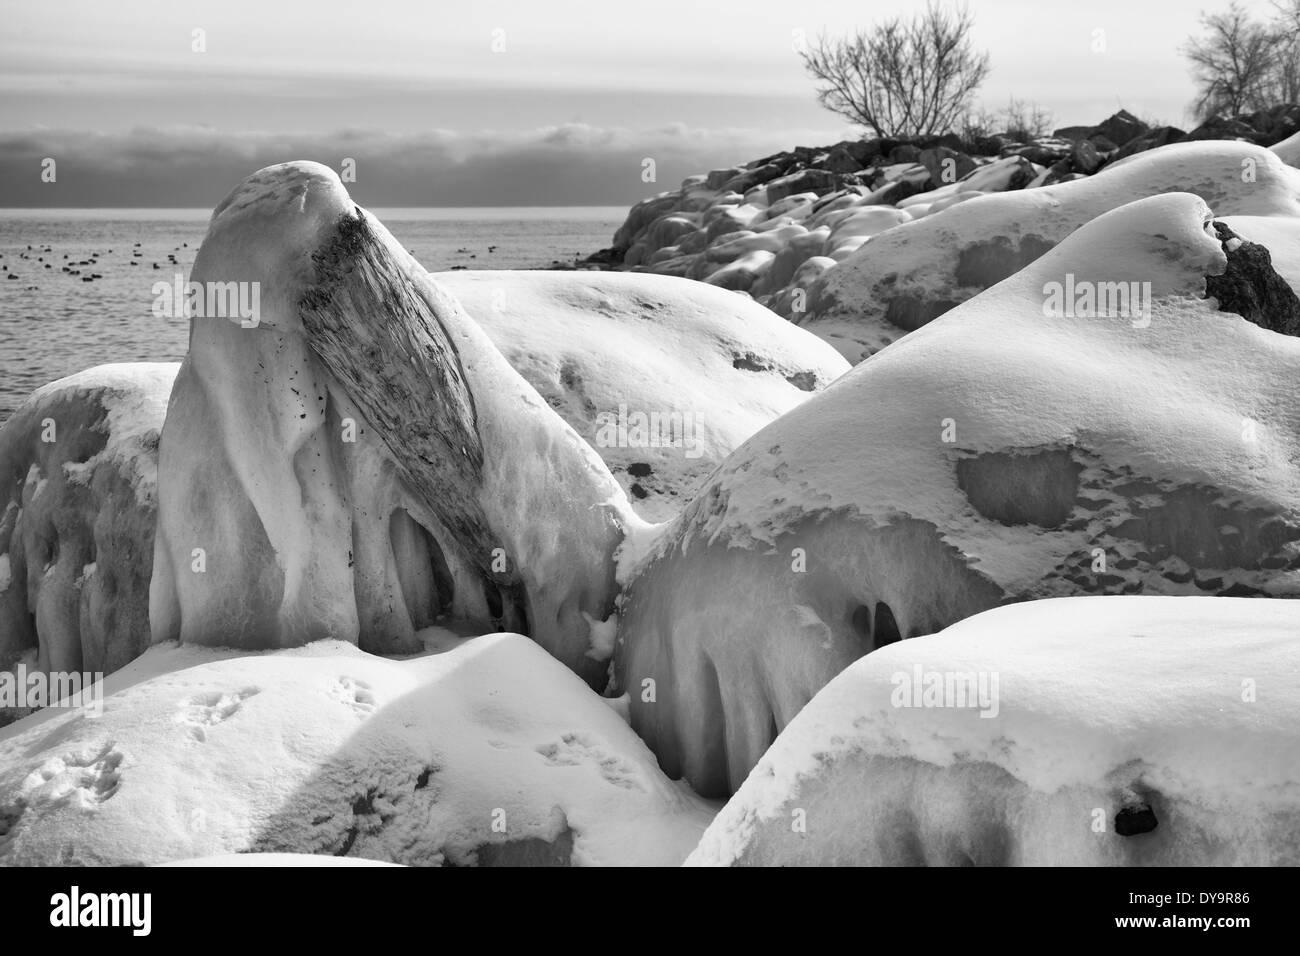 Paysage monochrome de l'hiver lake scene Banque D'Images